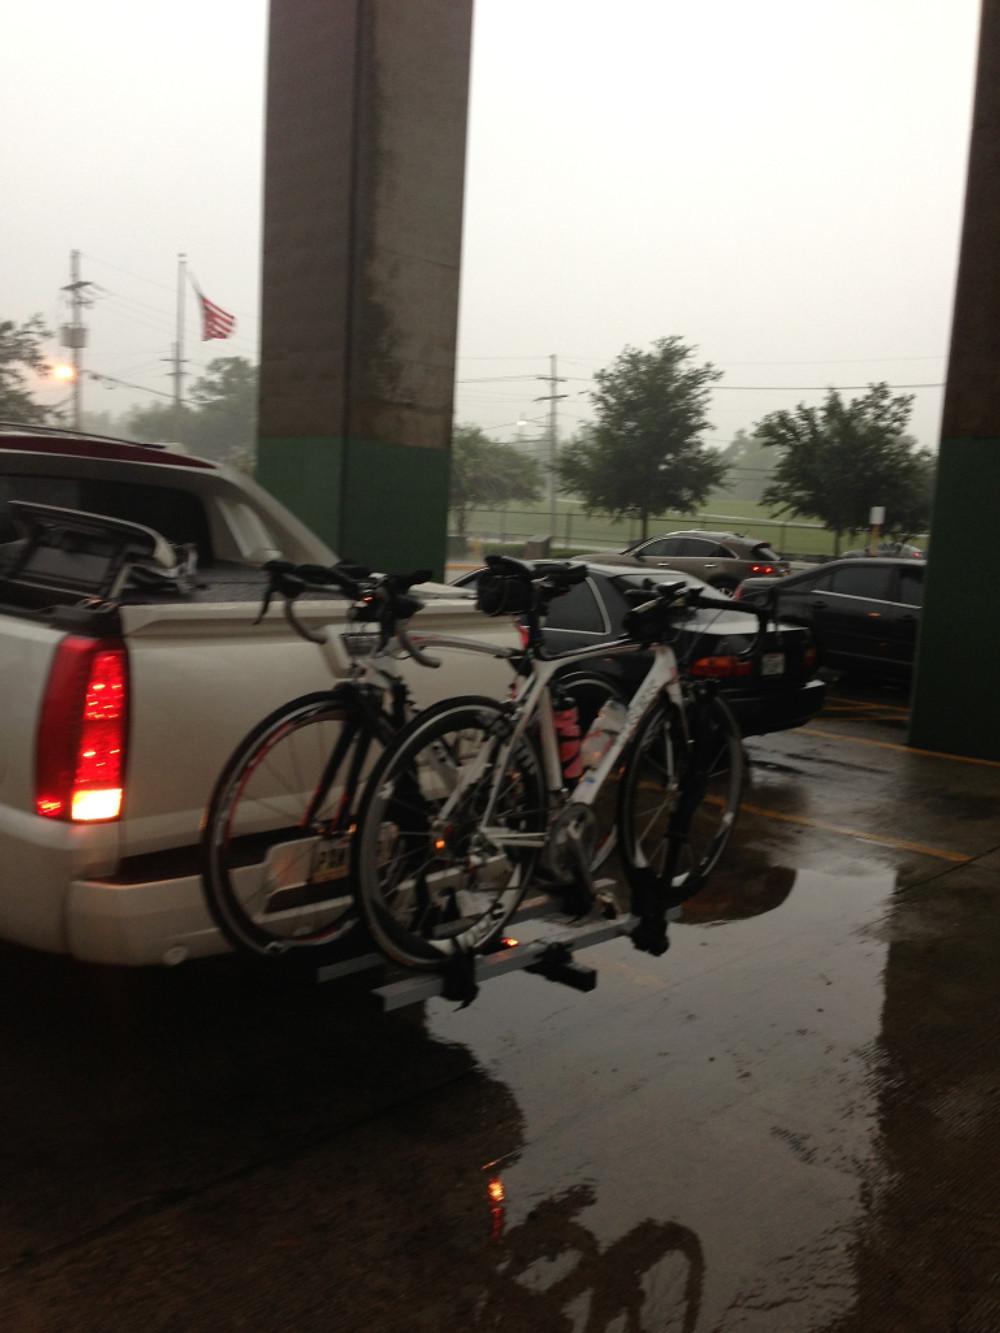 Rainy Day Cycling